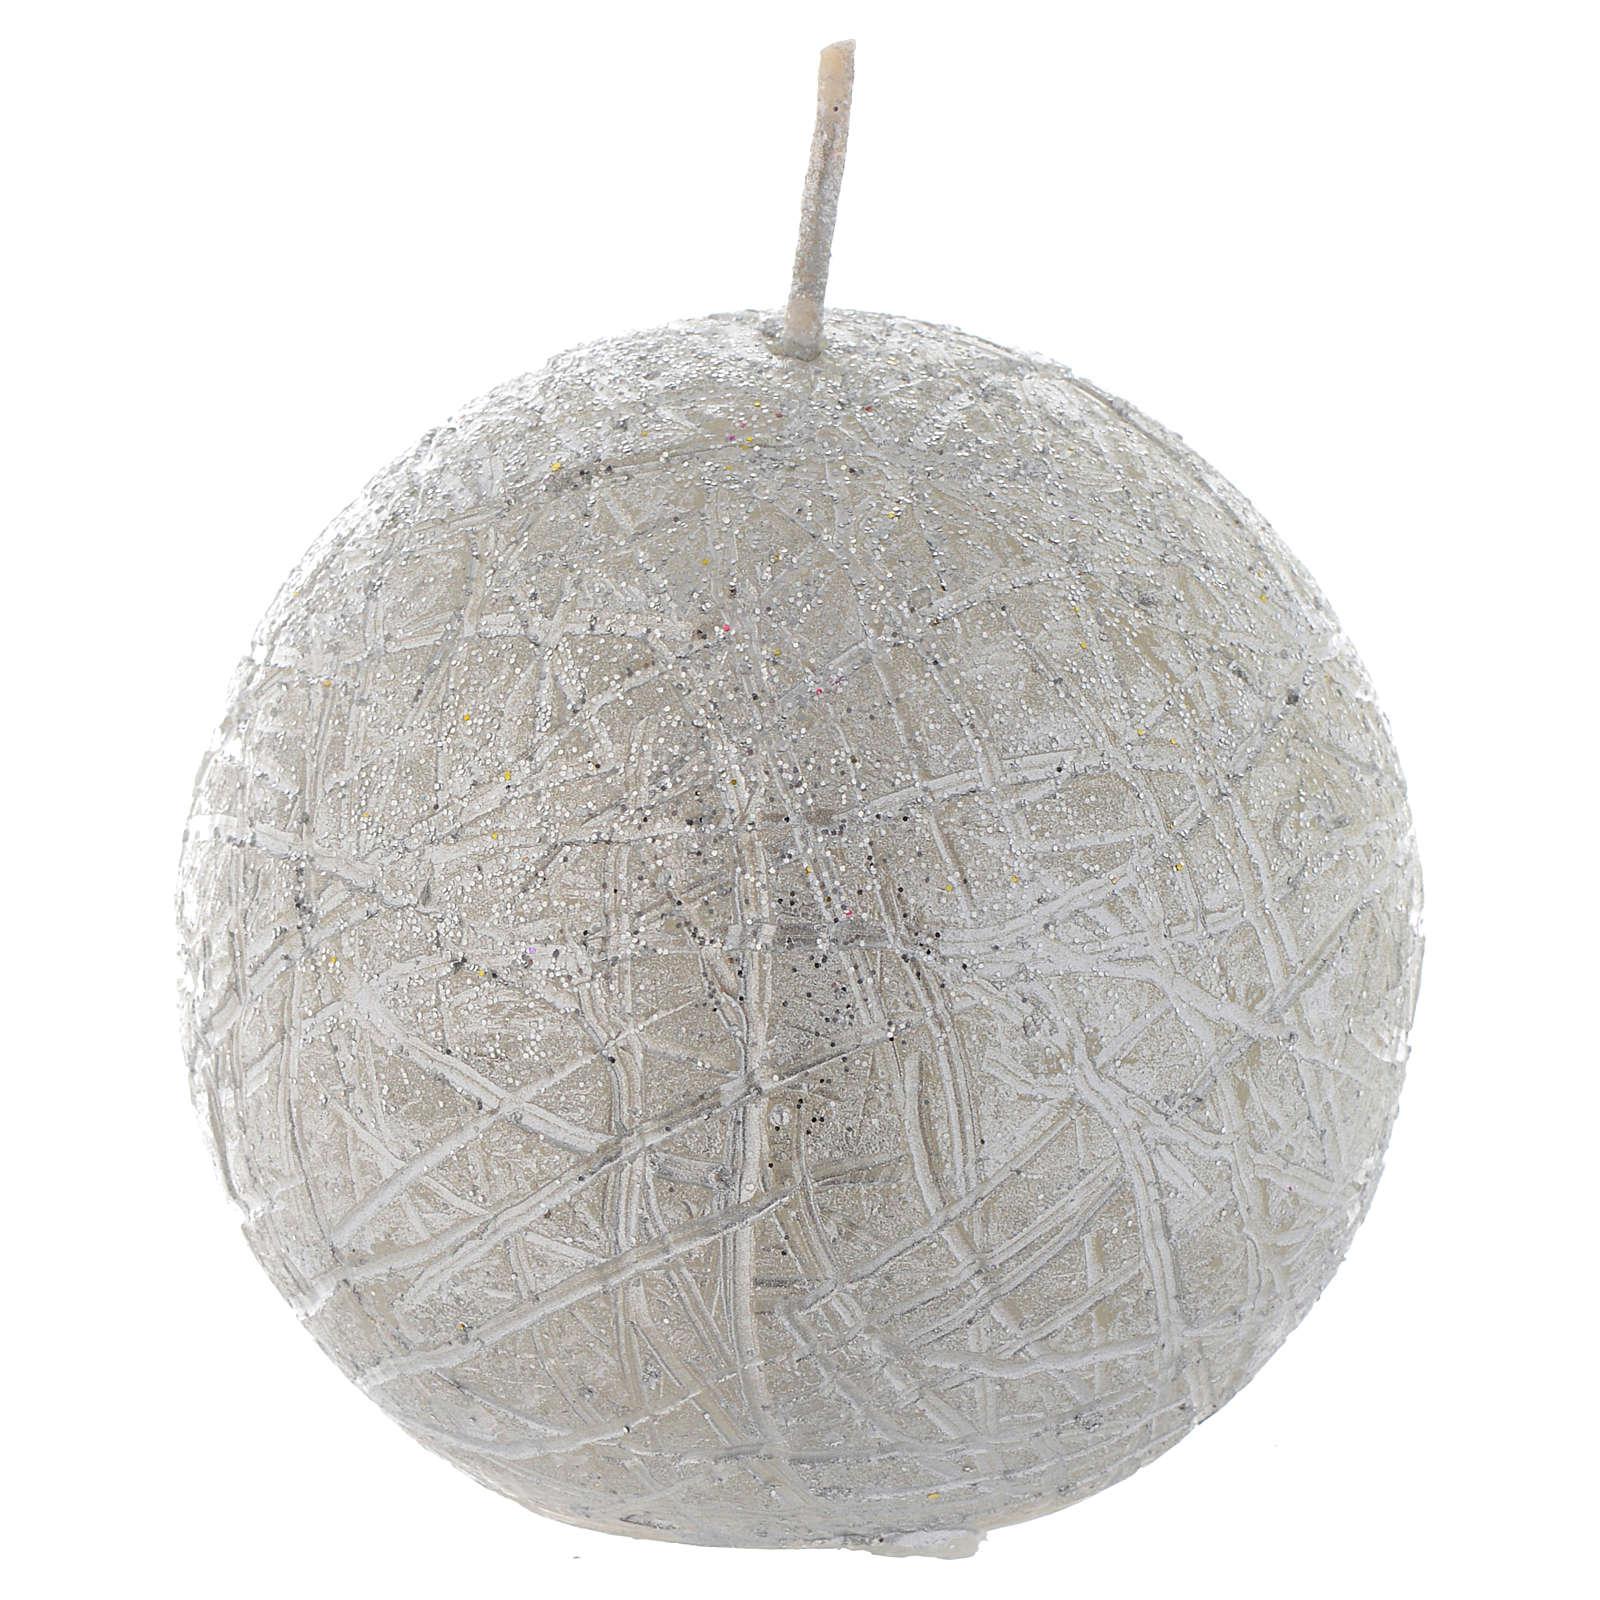 Bougie de Noël Comet sphère 8 cm argent 3